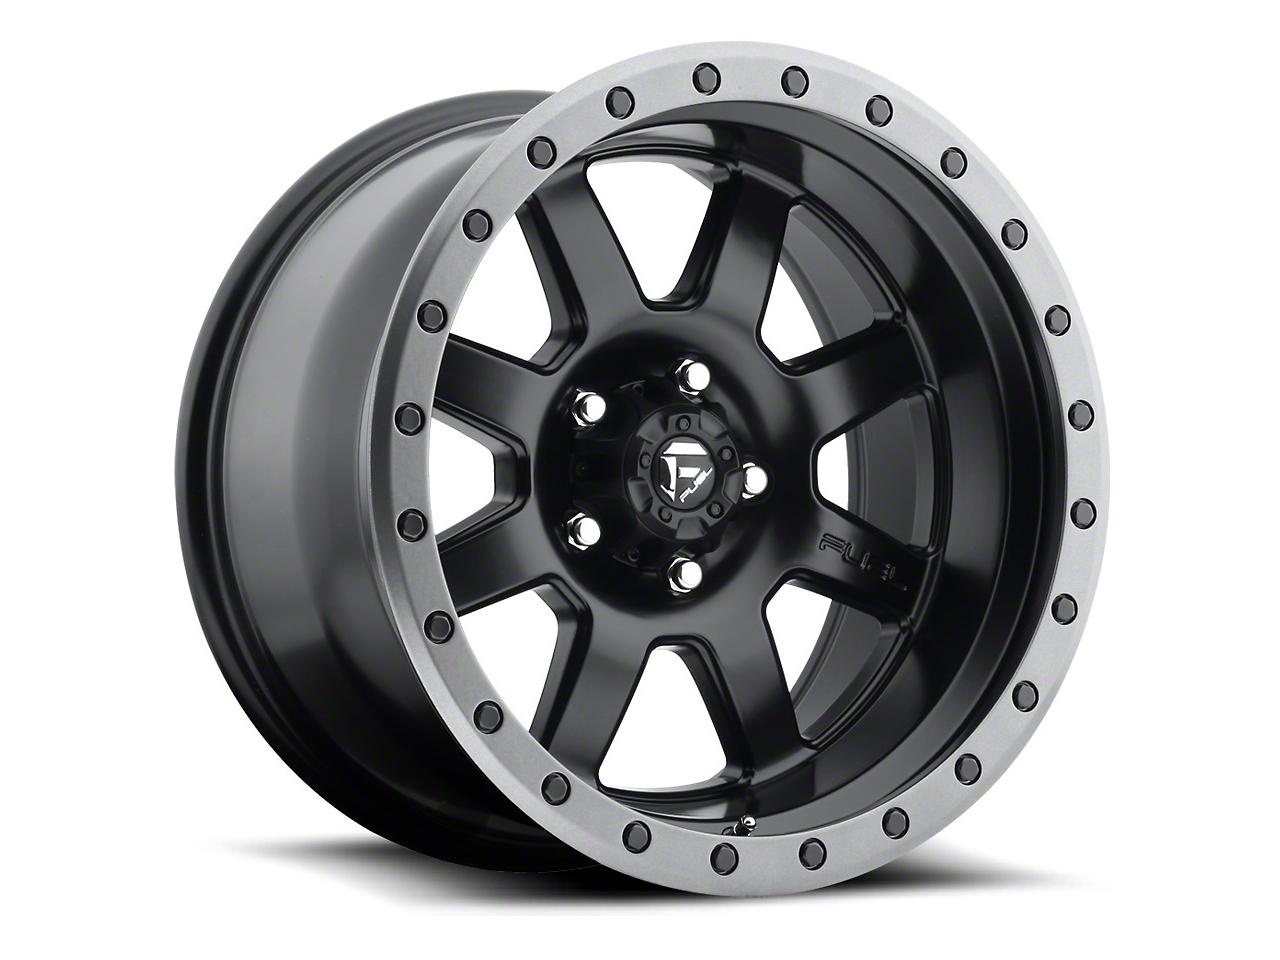 Fuel Wheels Trophy Matte Black 6-Lug Wheel - 18x10 (07-18 Sierra 1500)